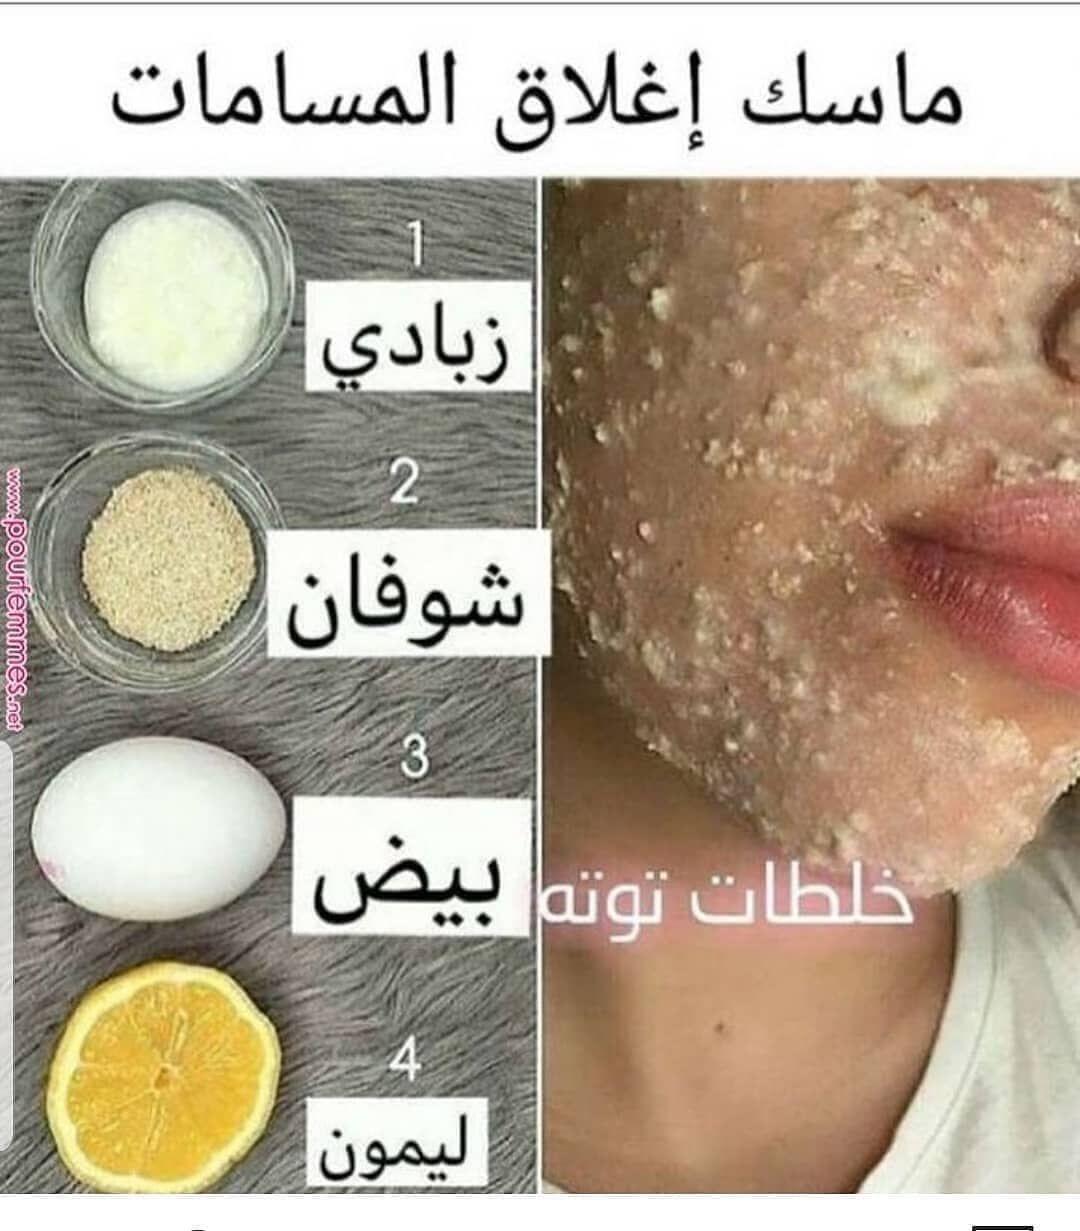 العناية بالبشرة العناية باليدين العناية بالشعر العناية بالجسم خلطات للبشرة خلطات للشعر خلطات طبيعية وصفات مج Beauty Skin Care Routine Face Skin Care Face Skin